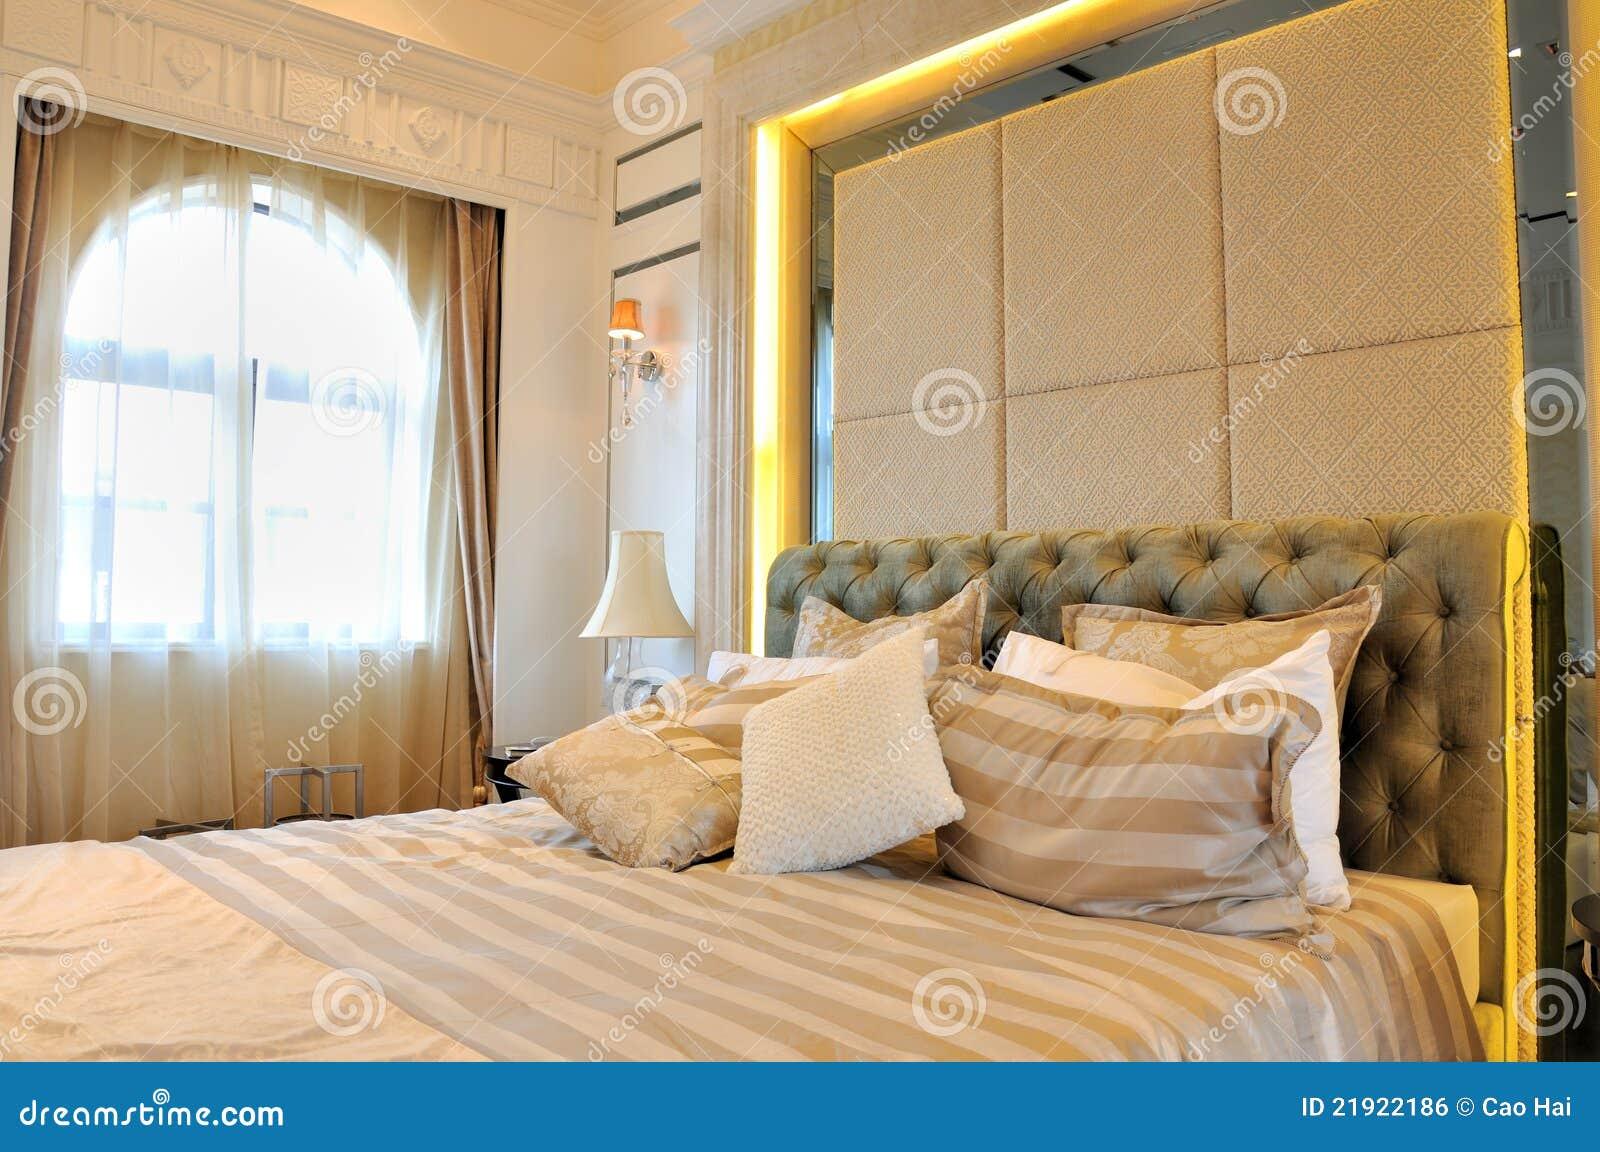 chambre coucher et hublot avec lclairage de rideau image libre de droits - Eclairage Chambre A Coucher